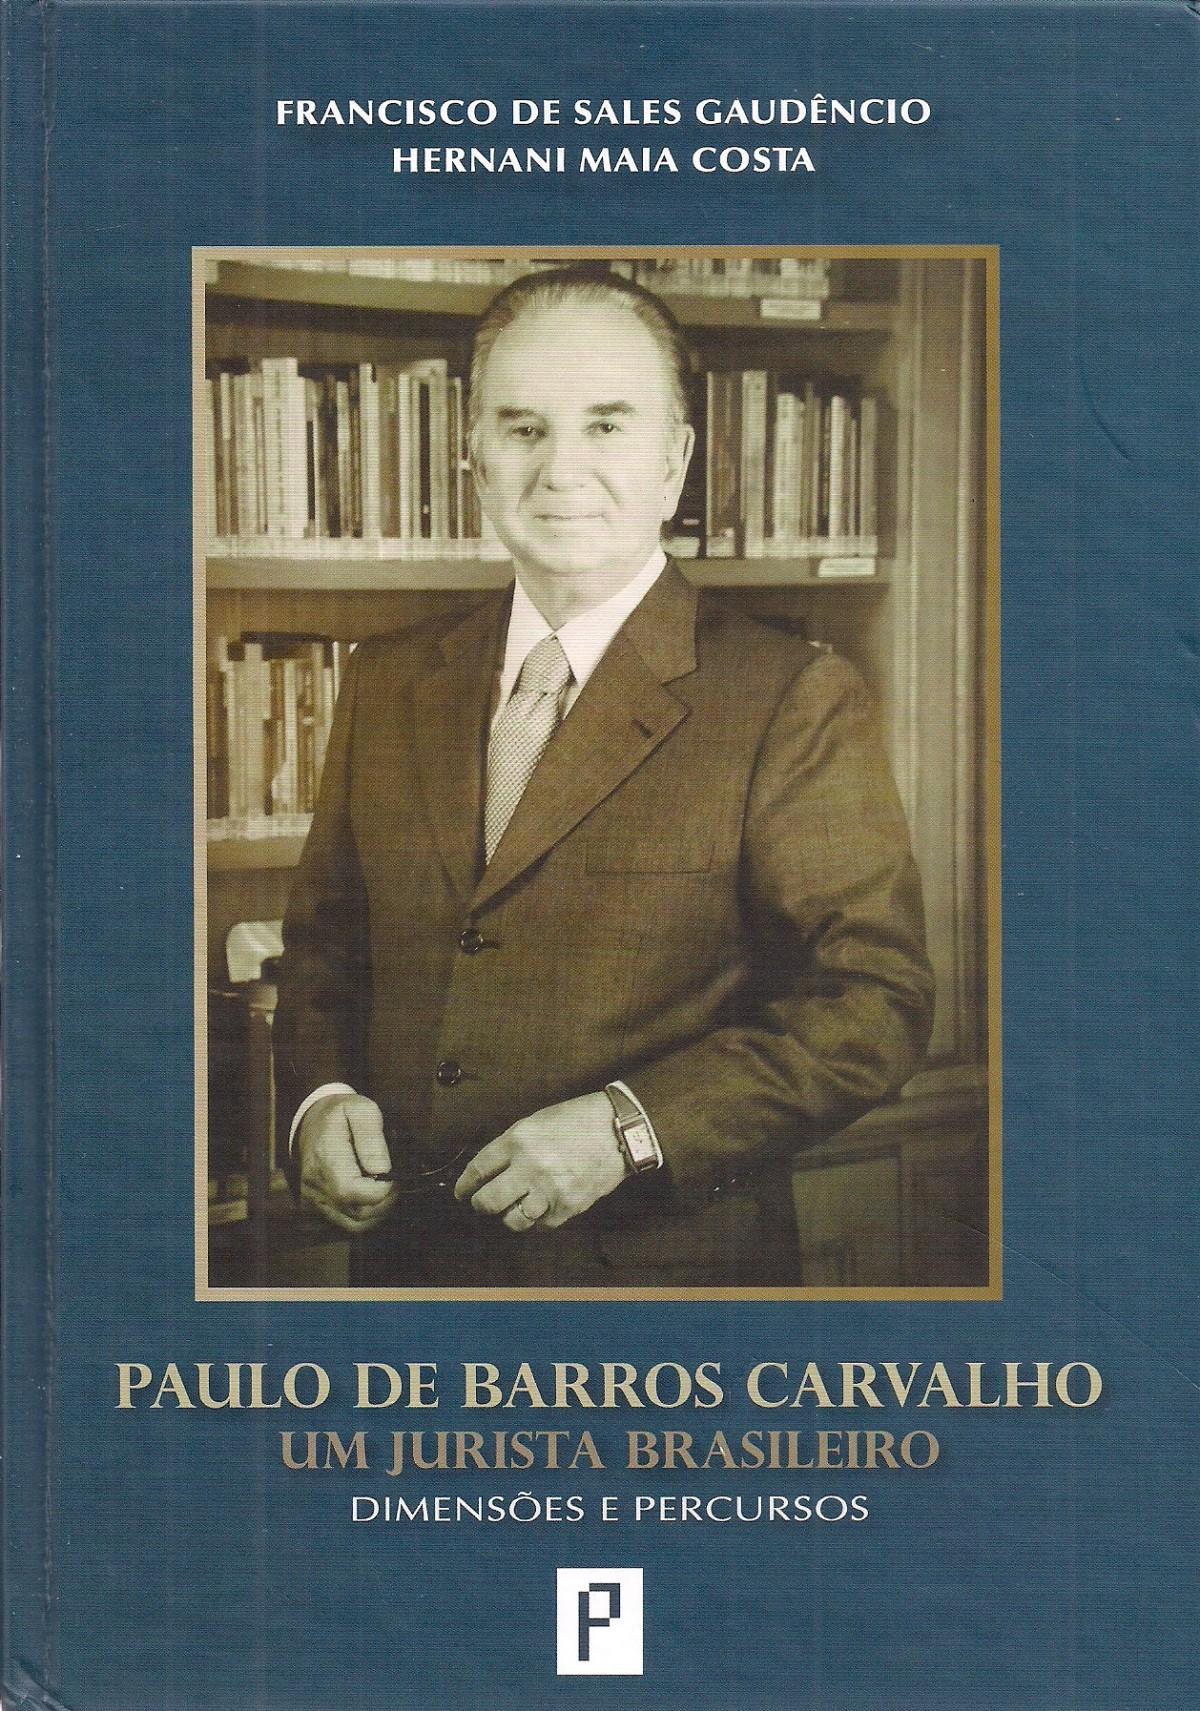 Foto 1 - Paulo de Barros Carvalho: Um Jurista Brasileiro